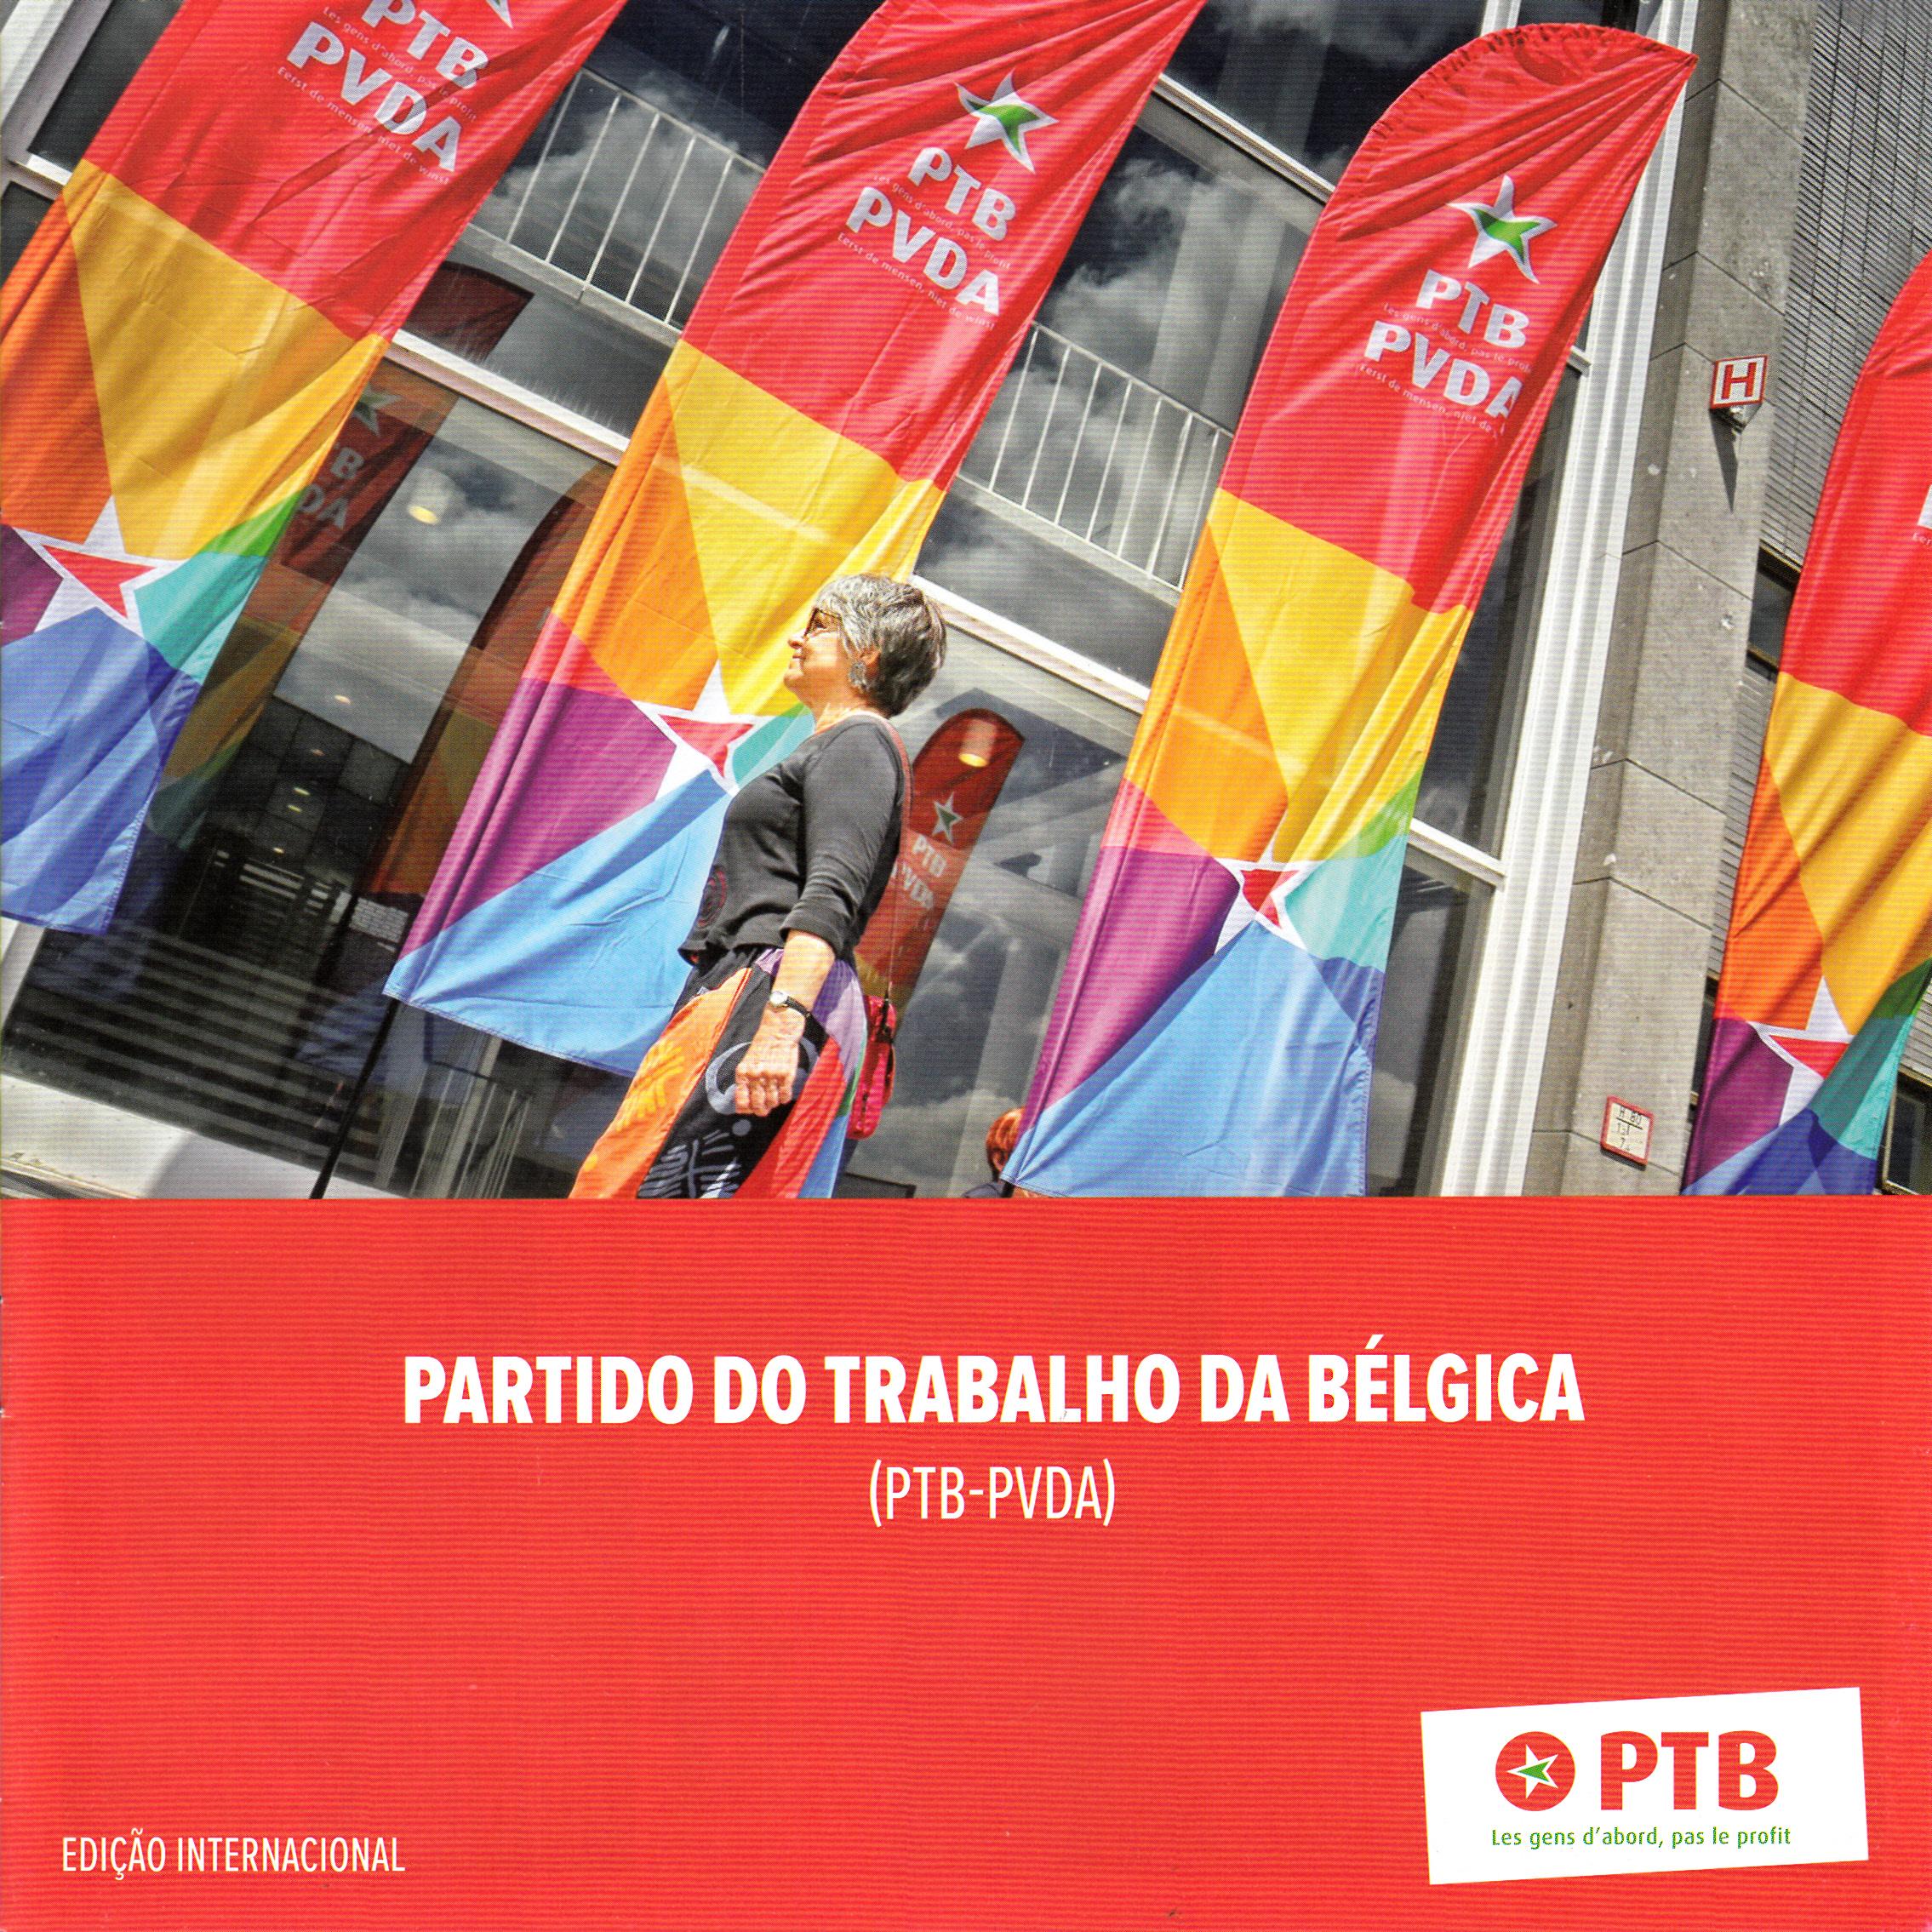 PTB_PVDA__0010